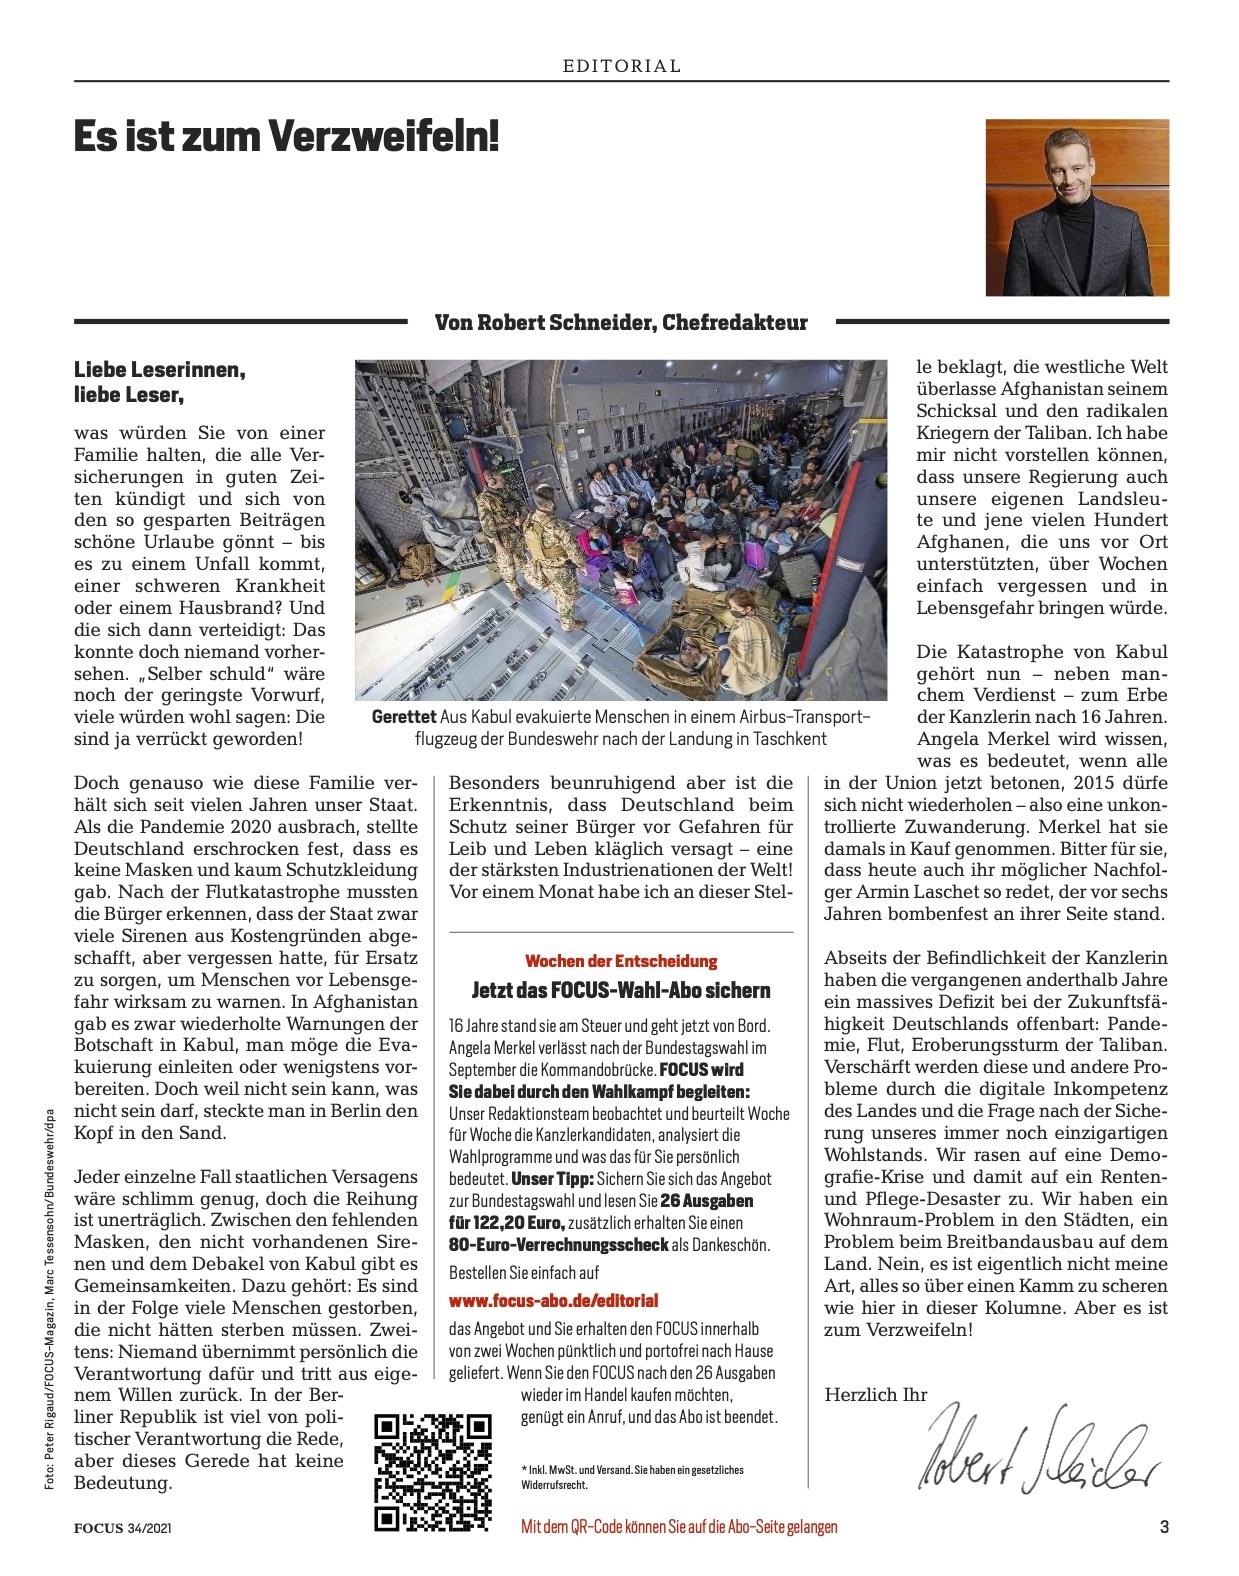 FOCUS Magazin FOCUS Magazin - Verdrängen Verschlampen Verschlafen